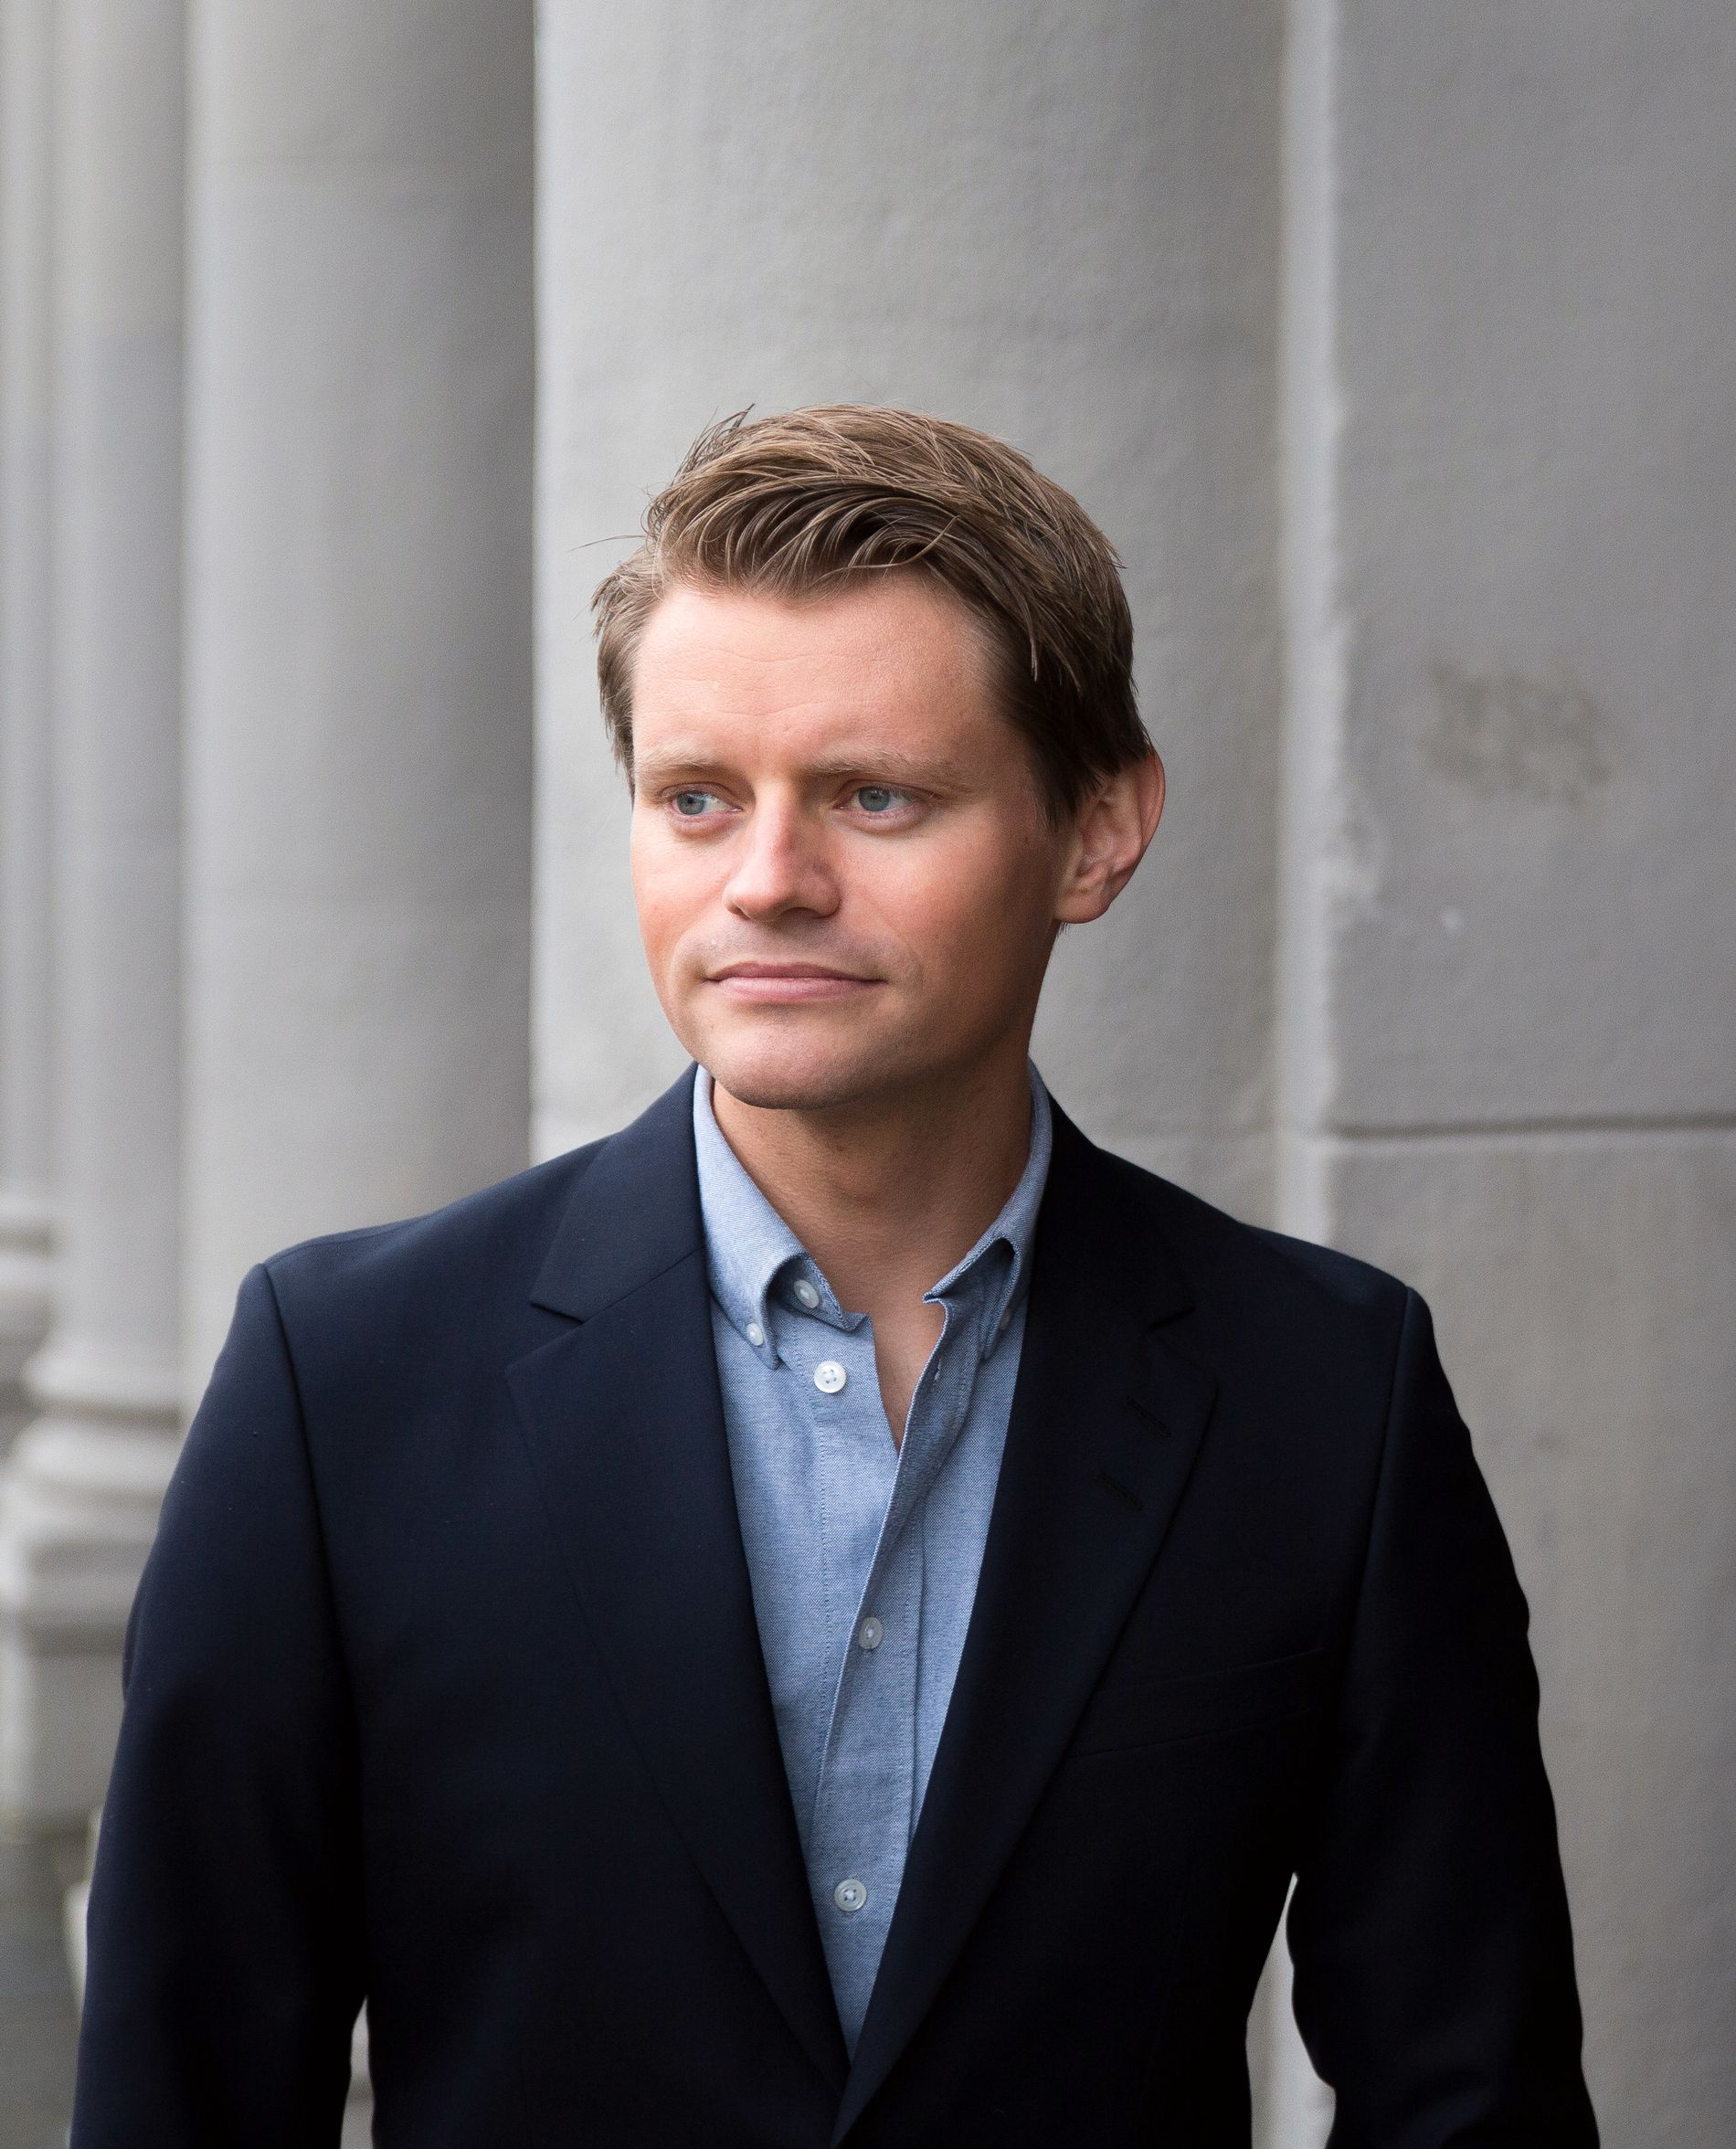 PÅ STORTINGET: Peter Christian Frølich (H) fra Hordaland.